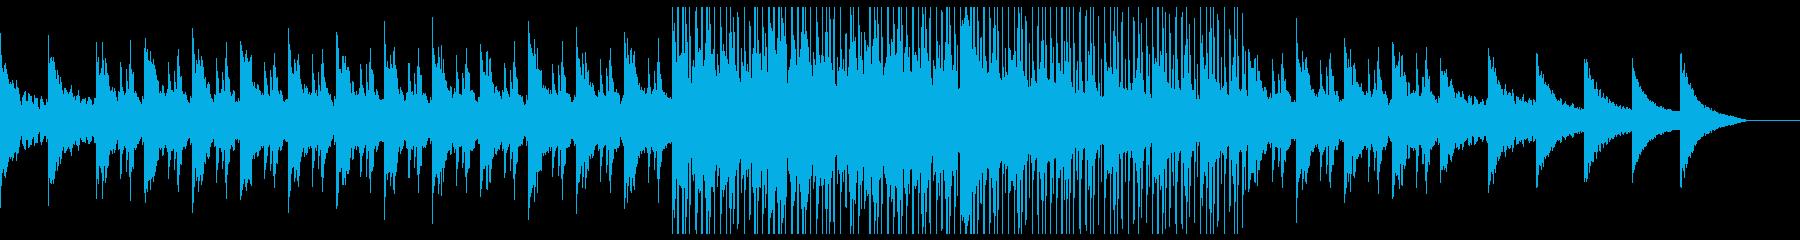 とても緊張感のあるピアノとシンセサウンドの再生済みの波形